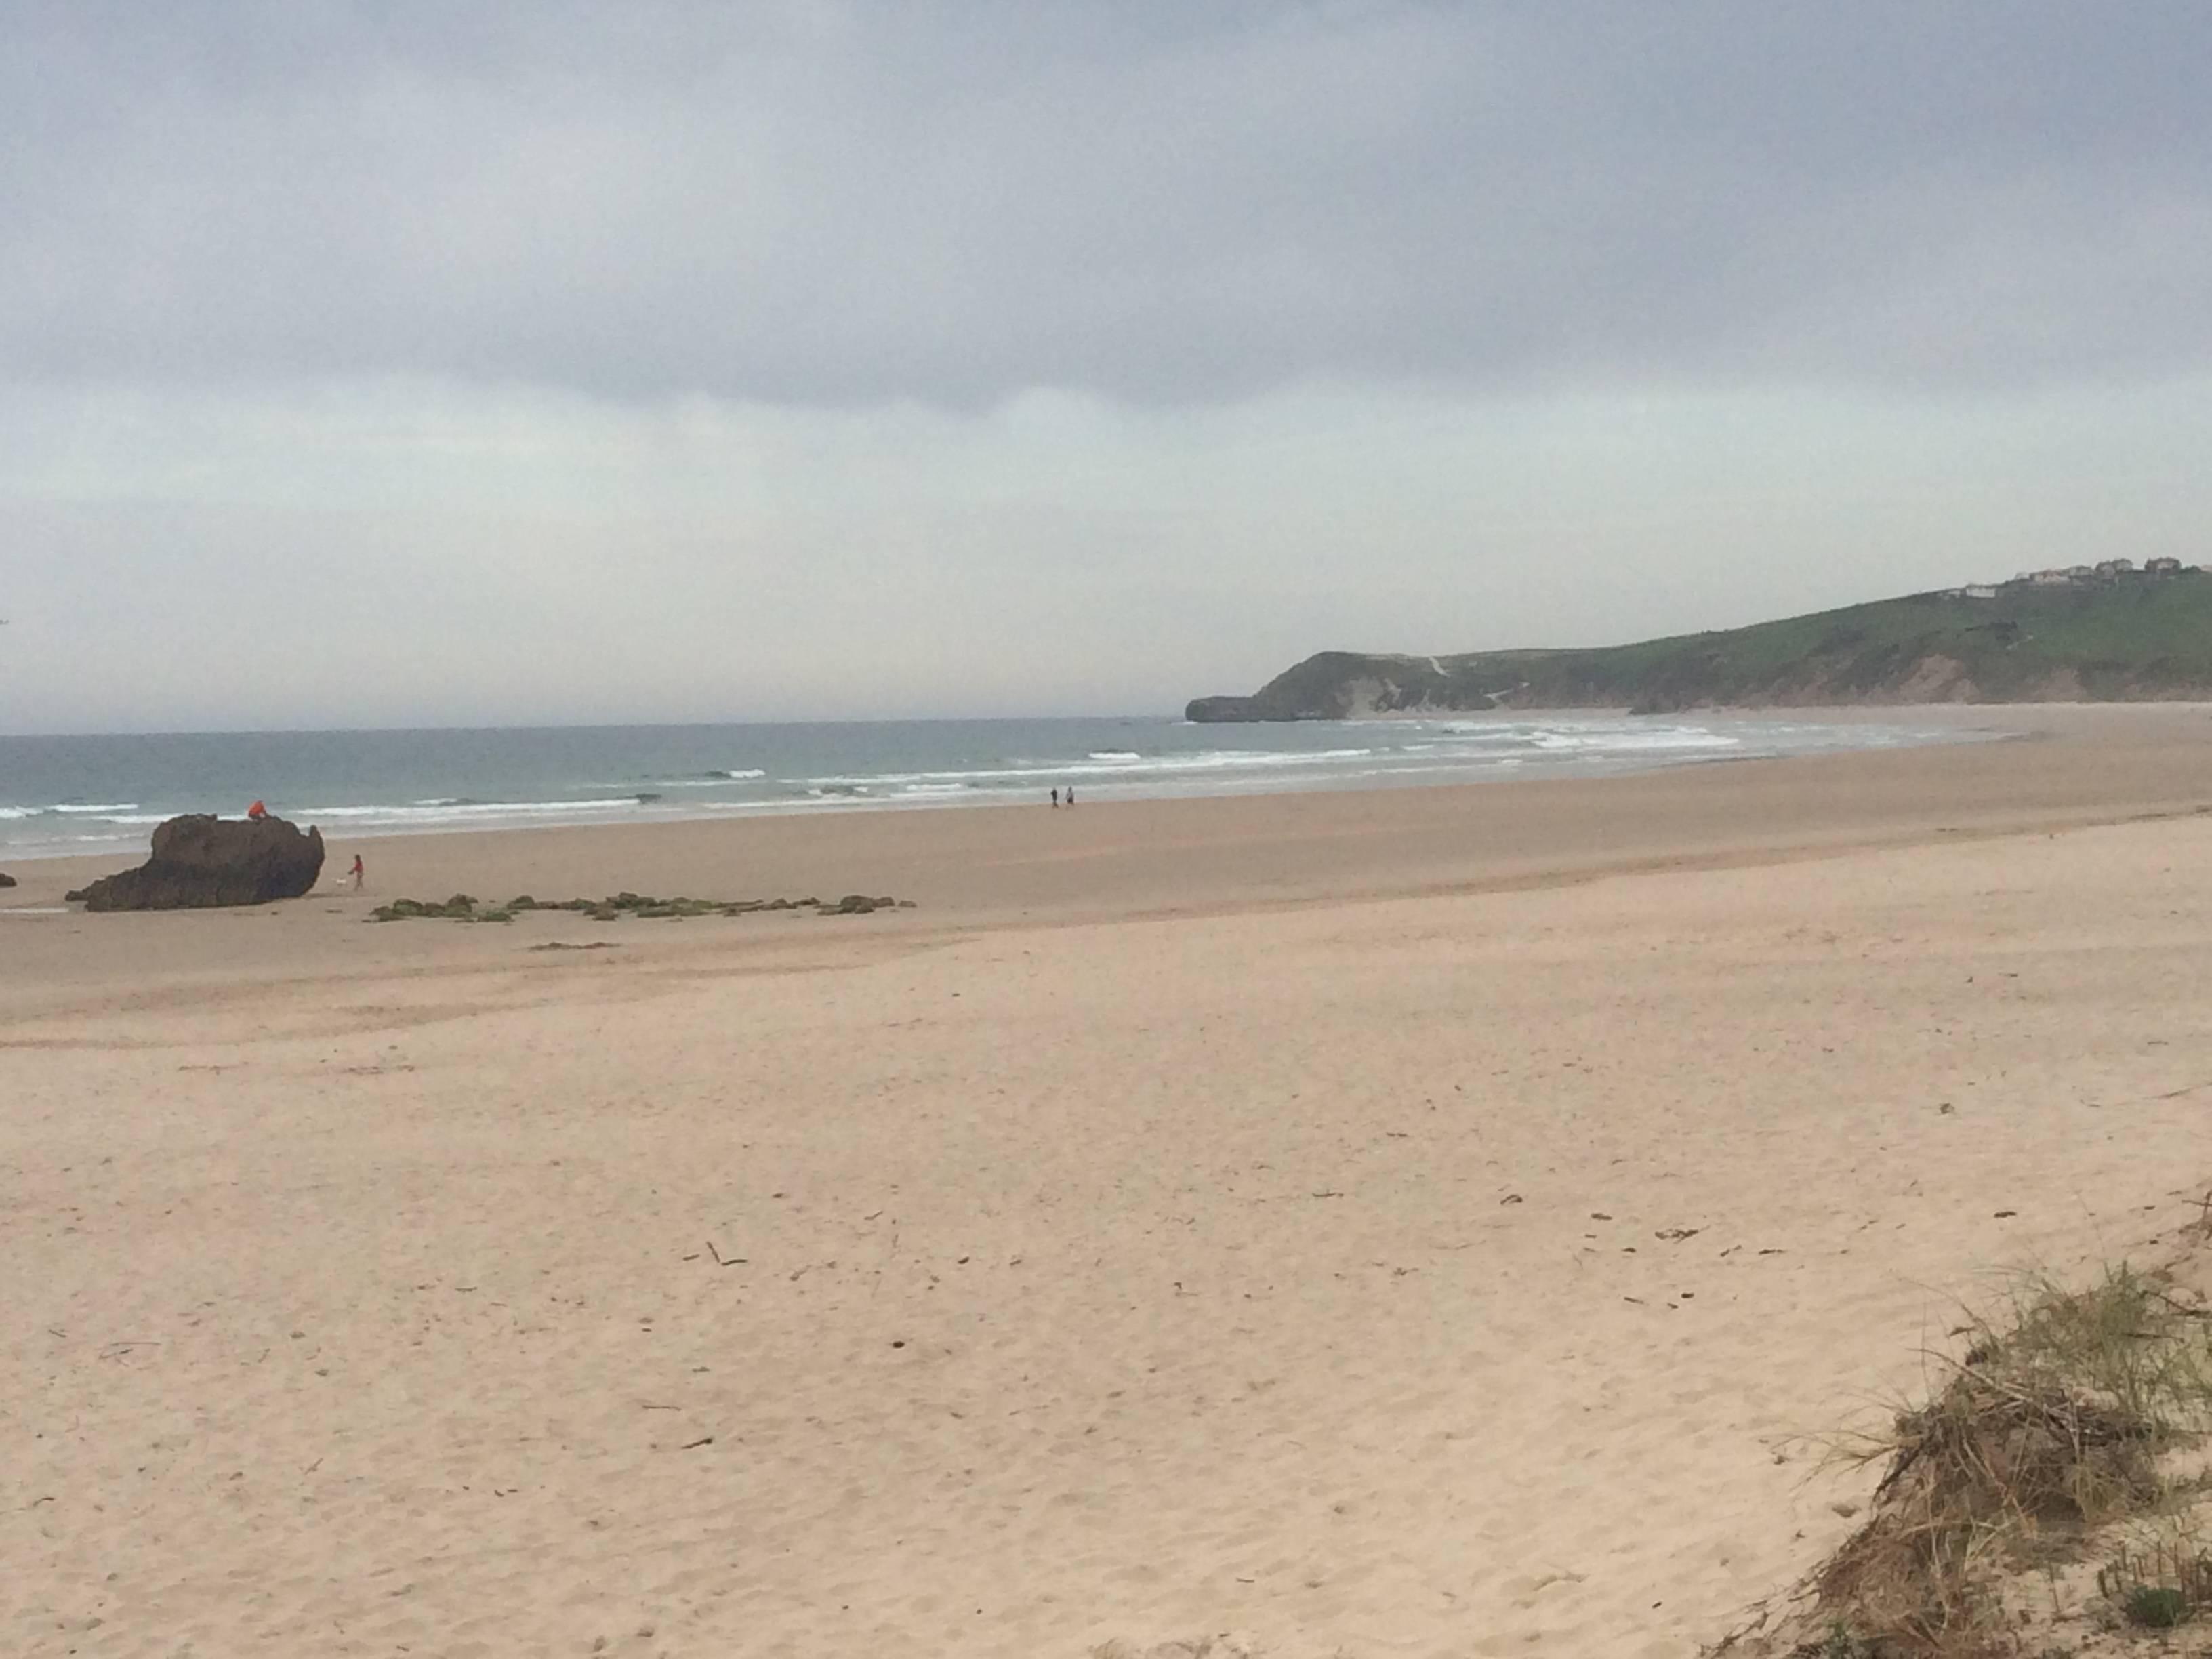 Photo 2: En van à San Vicente de barquera